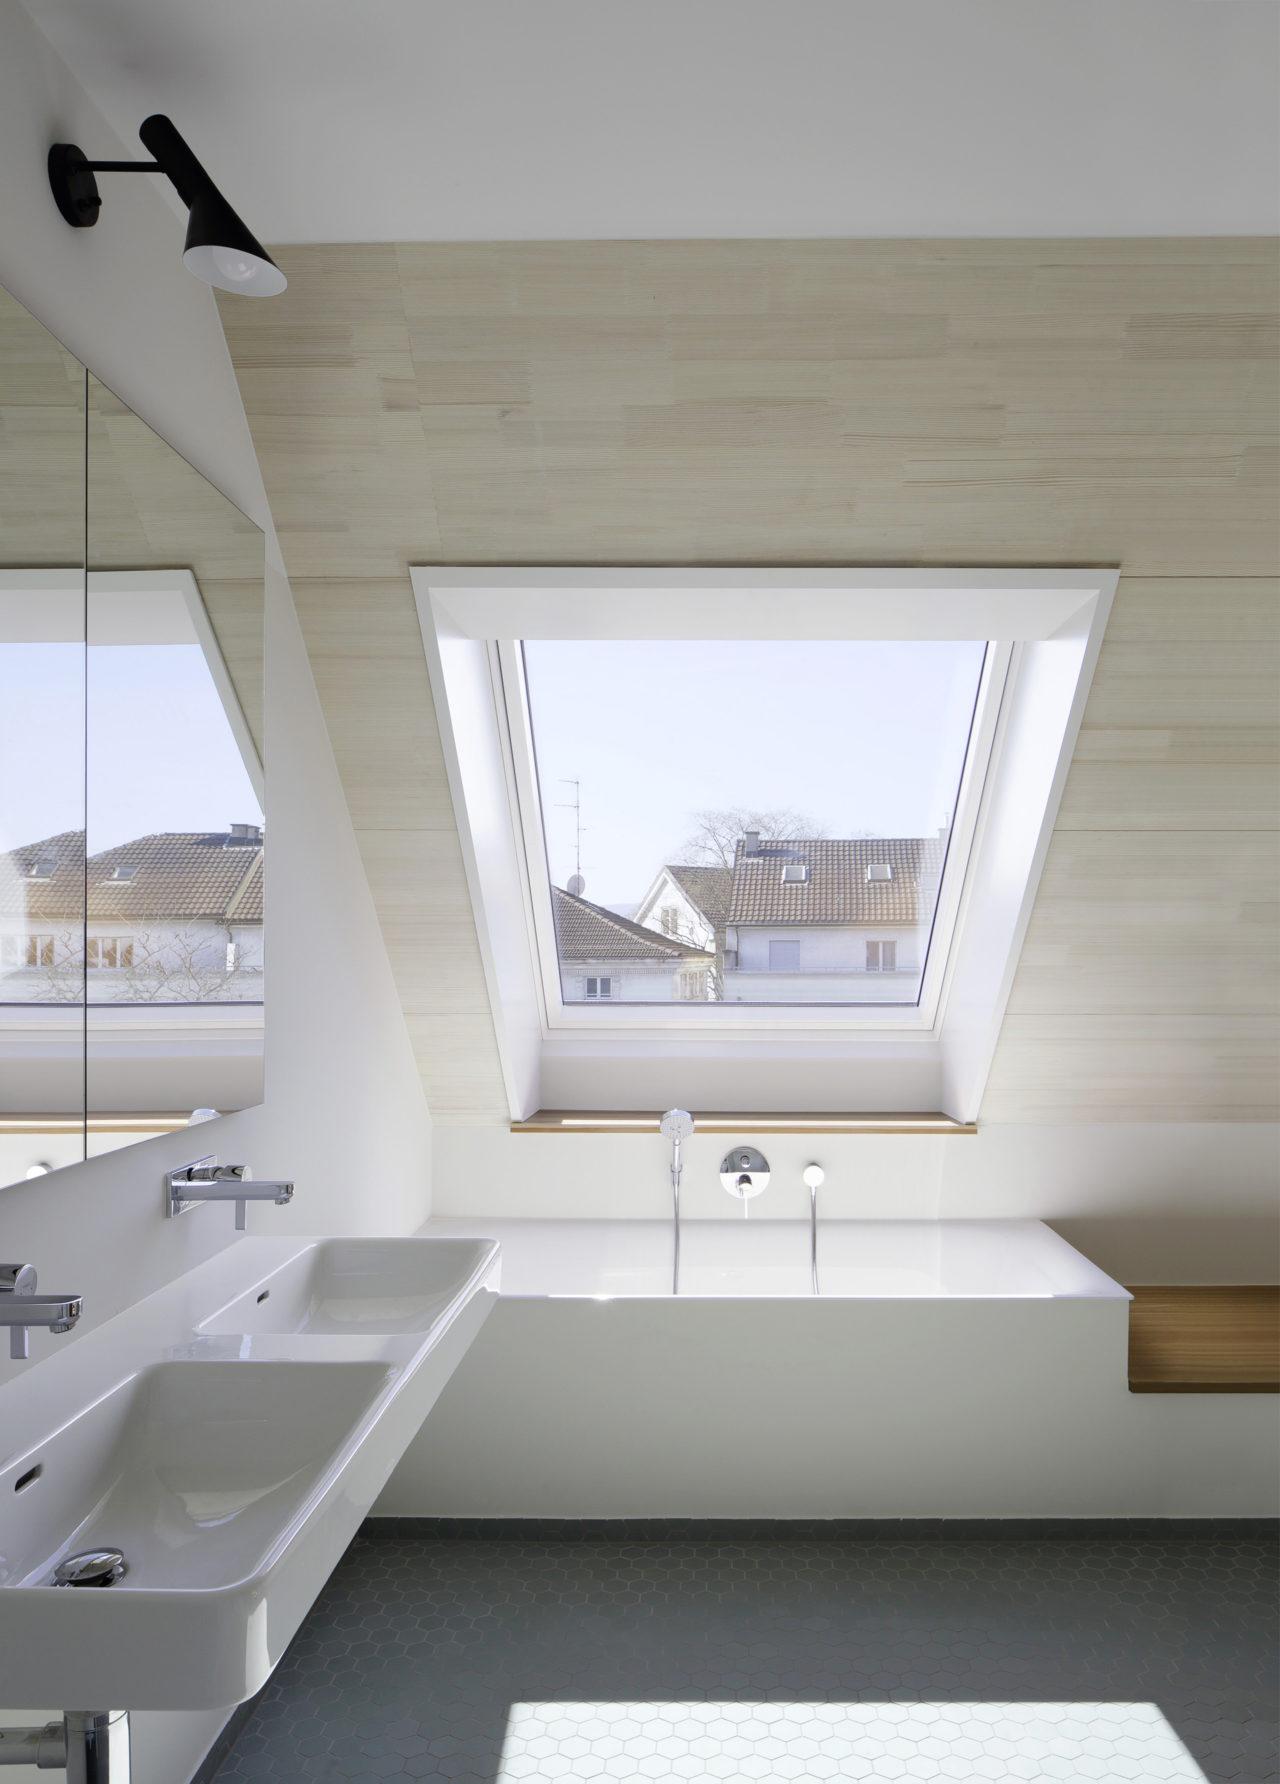 Bad im Dachgeschoss nach Umbau und Anbau von Architekturbüro Forsberg in Basel